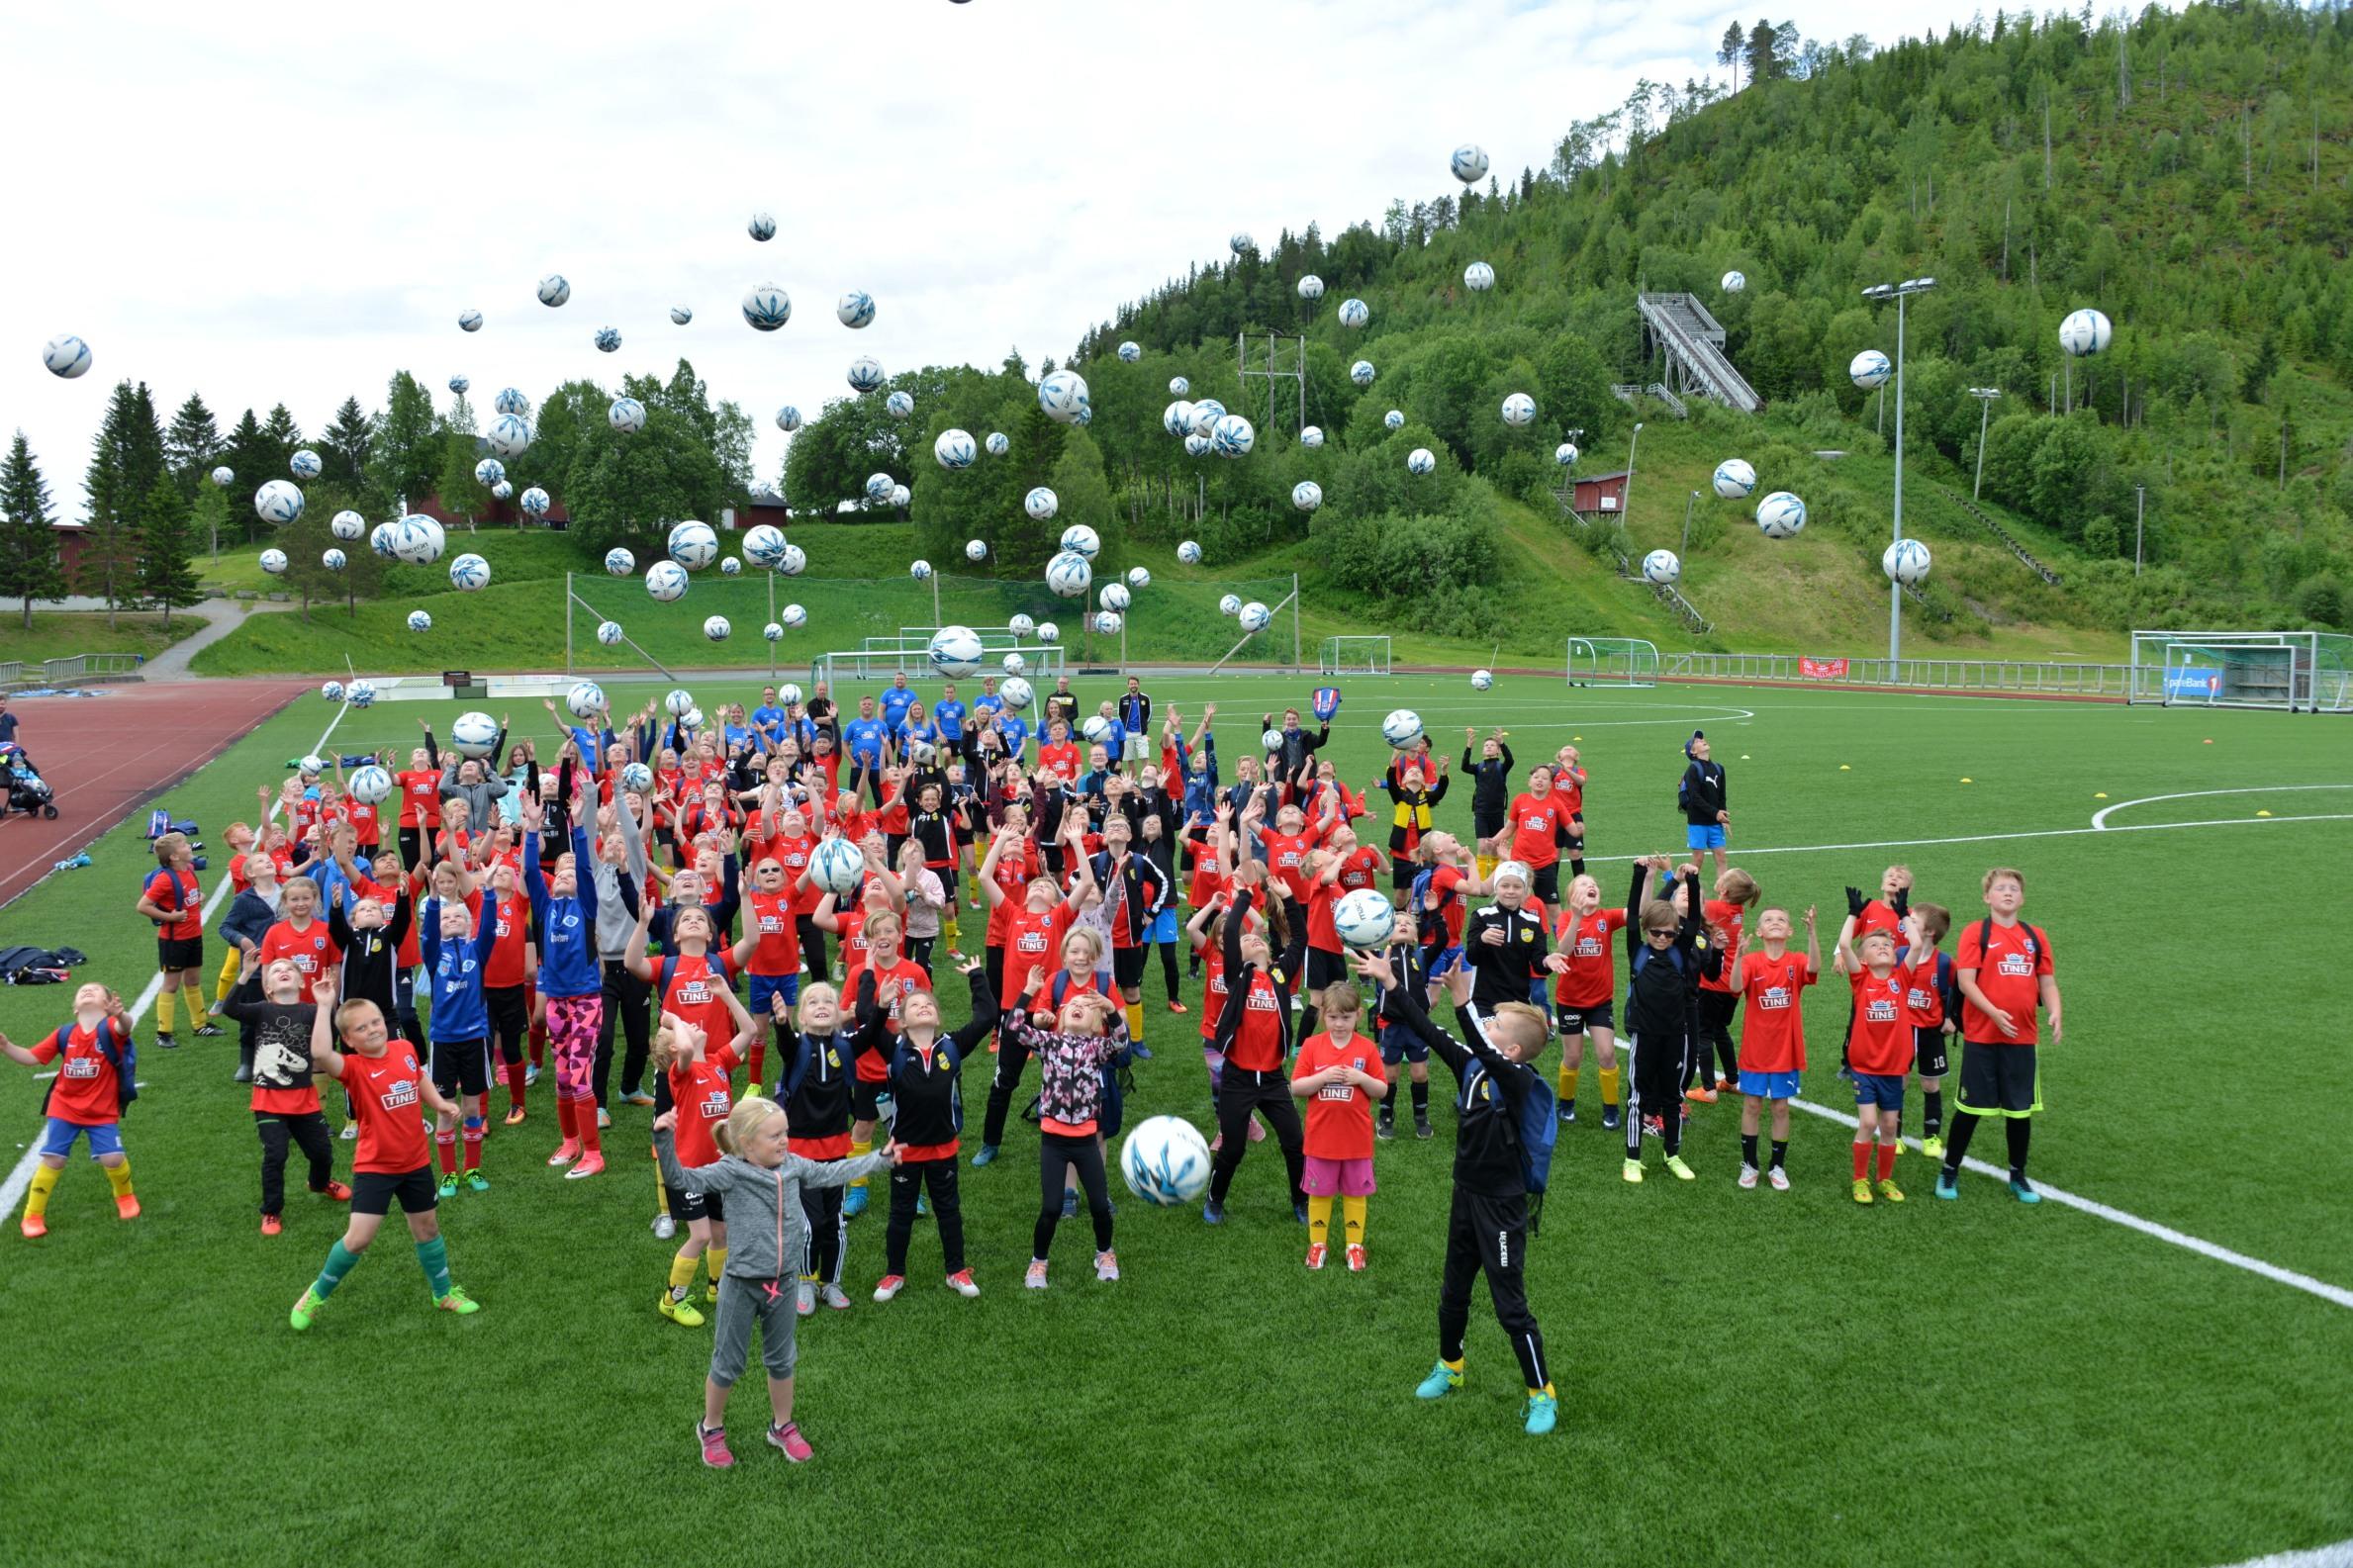 Velkommen til Tine fotballskole! Steinkjer Fotballklubb